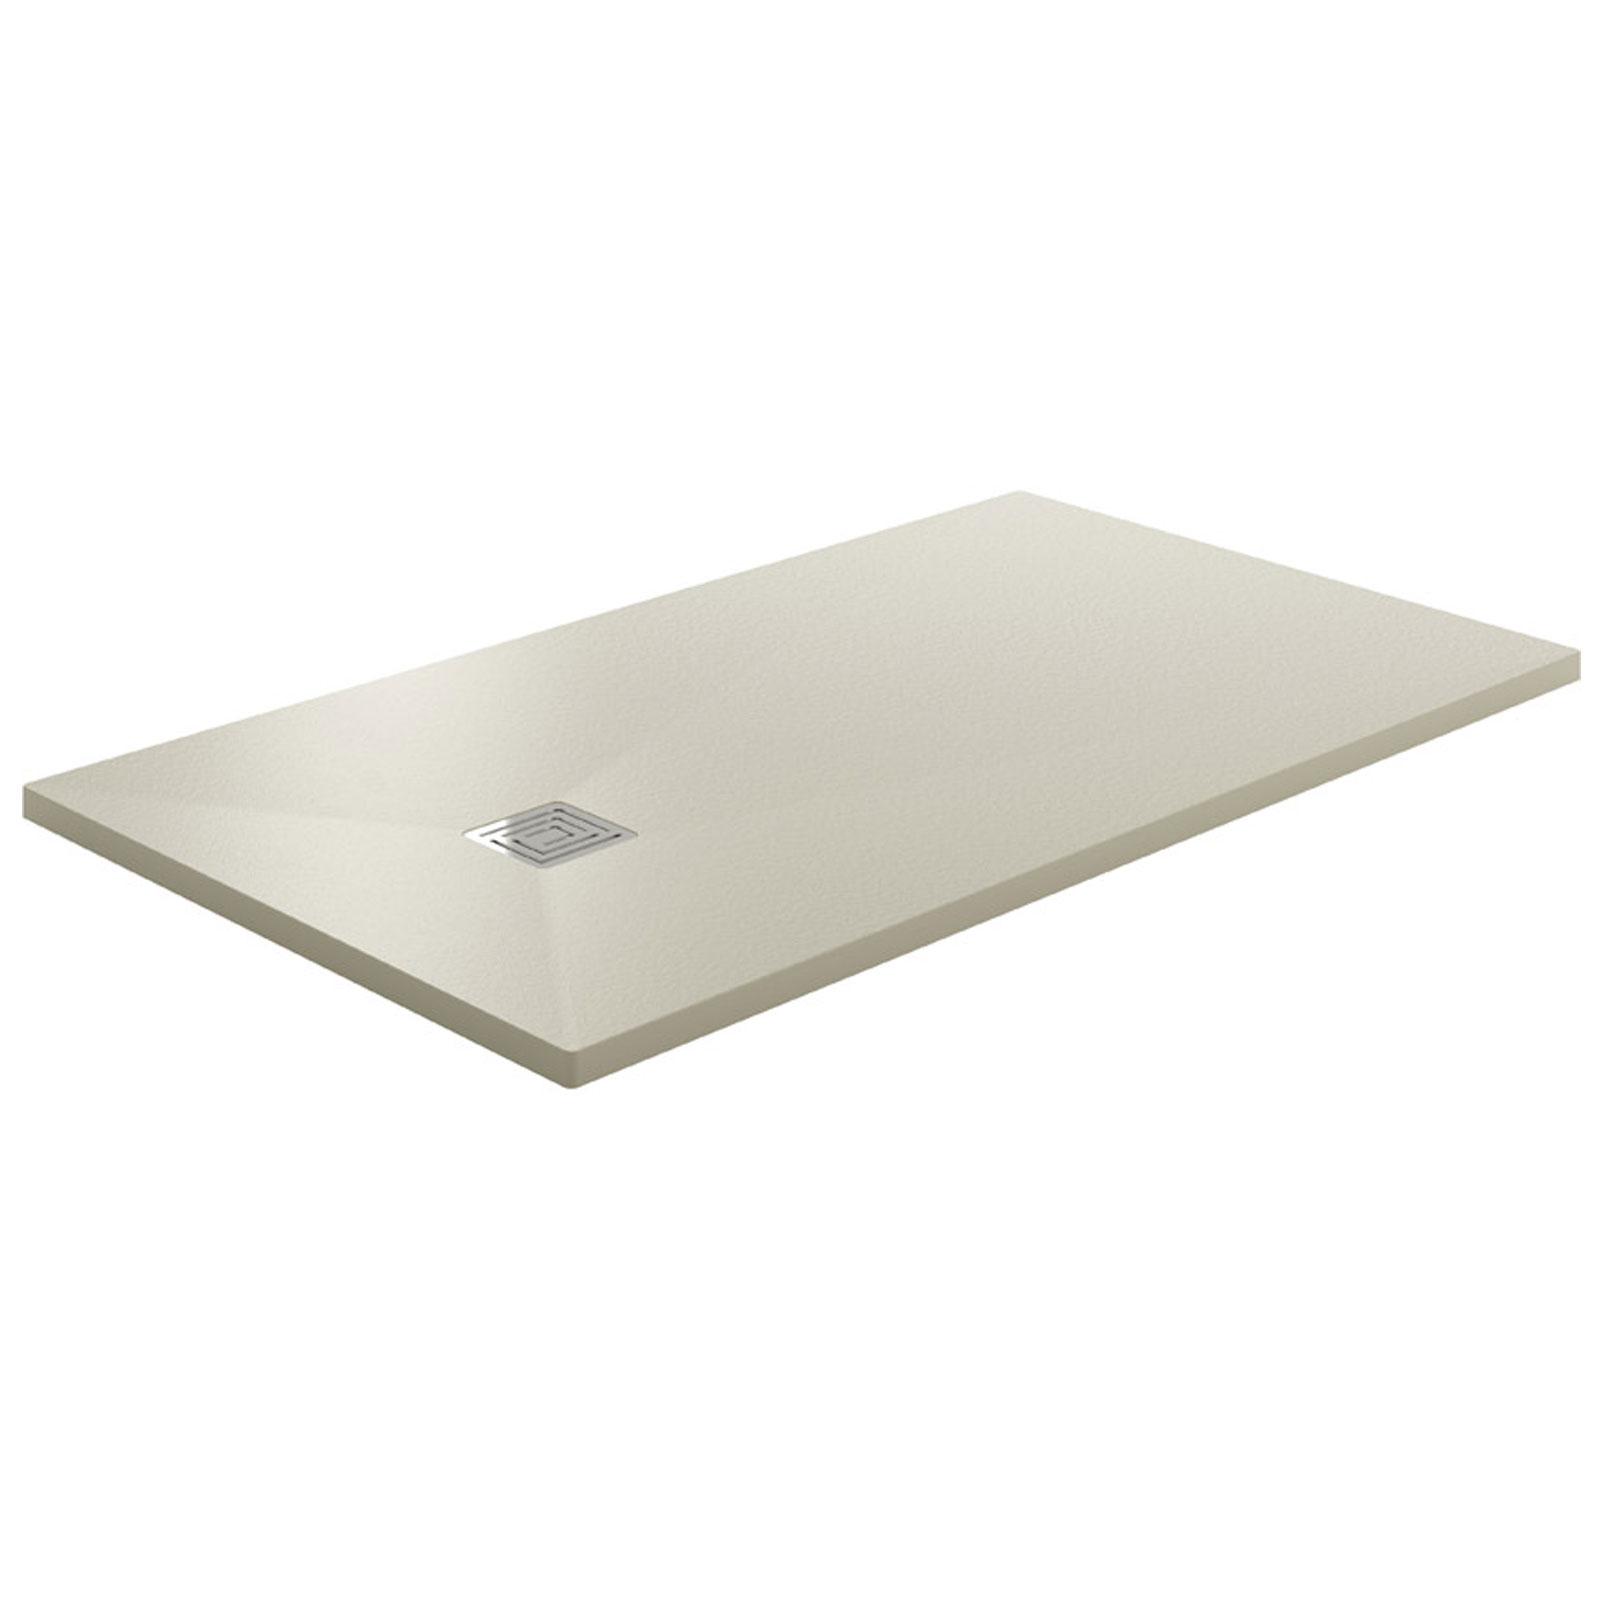 Piatto doccia 150x80 in resina tecnica beige con finitura superficiale in pietra sifone incluso